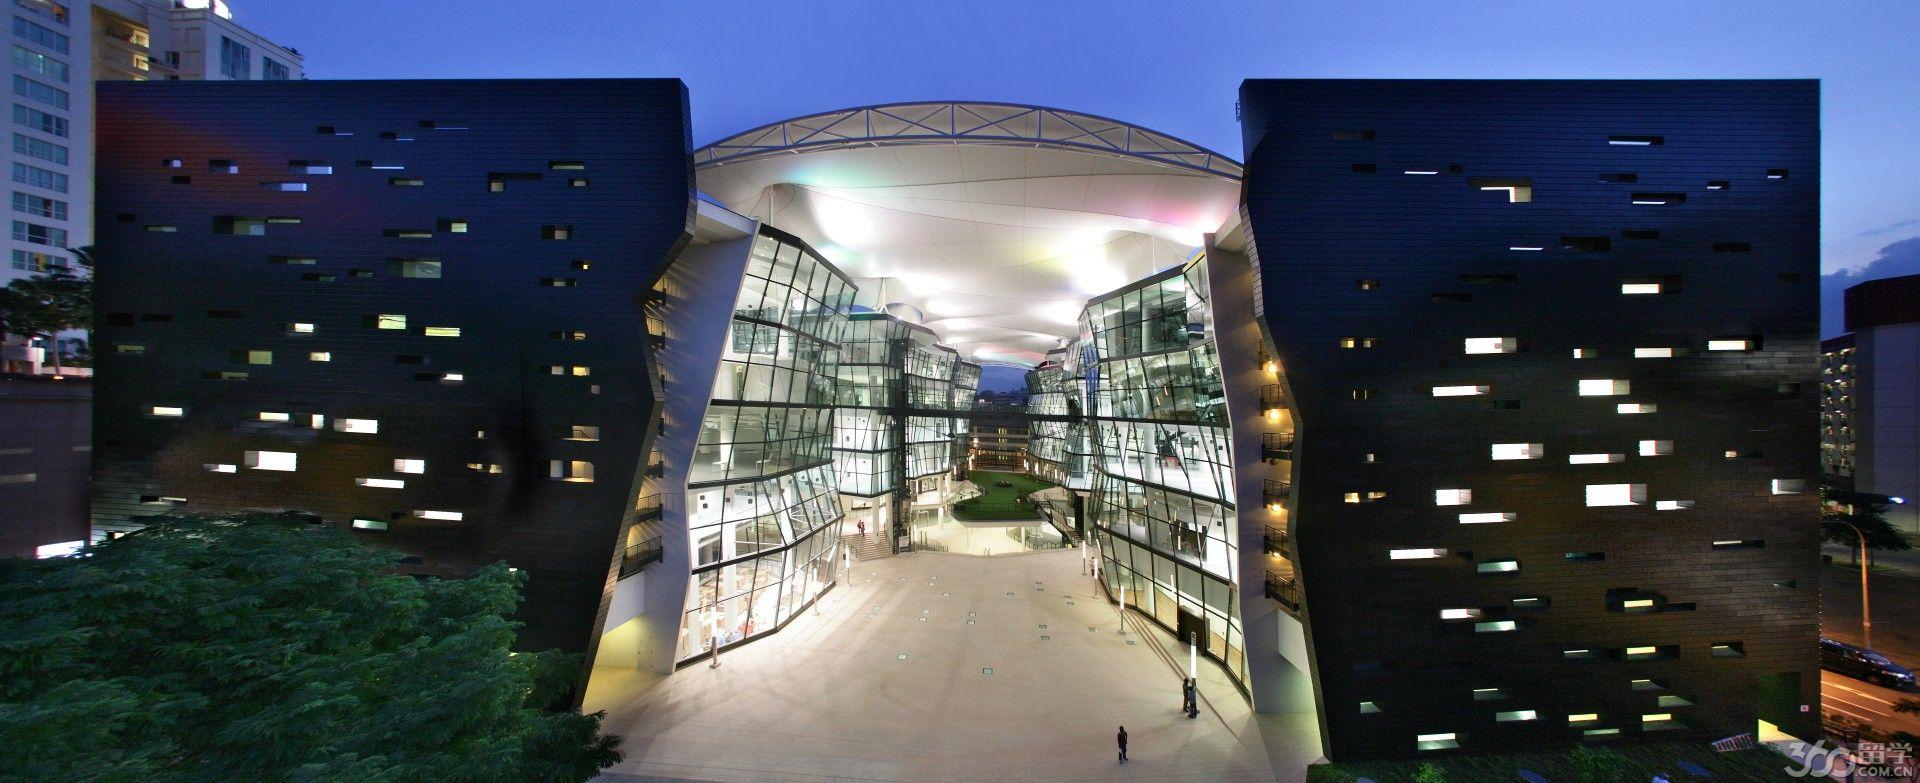 留學360[www.liuxue360.com]聲明 (一)留學360文章有大量轉載的圖片、文章,僅代表作者個人觀點,與上海叁陸零教育投資有限公司無關。其原創性以及文中陳述文字和內容未經本站證實,對本文以及其中全部或者部分內容、文字的真實性、完整性、及時性本站不作任何保證或承諾,請讀者僅作參考,并請自行核實相關內容 (二)免費轉載出于非商業性學習目的,站內圖片、文章版權歸原作者所有。